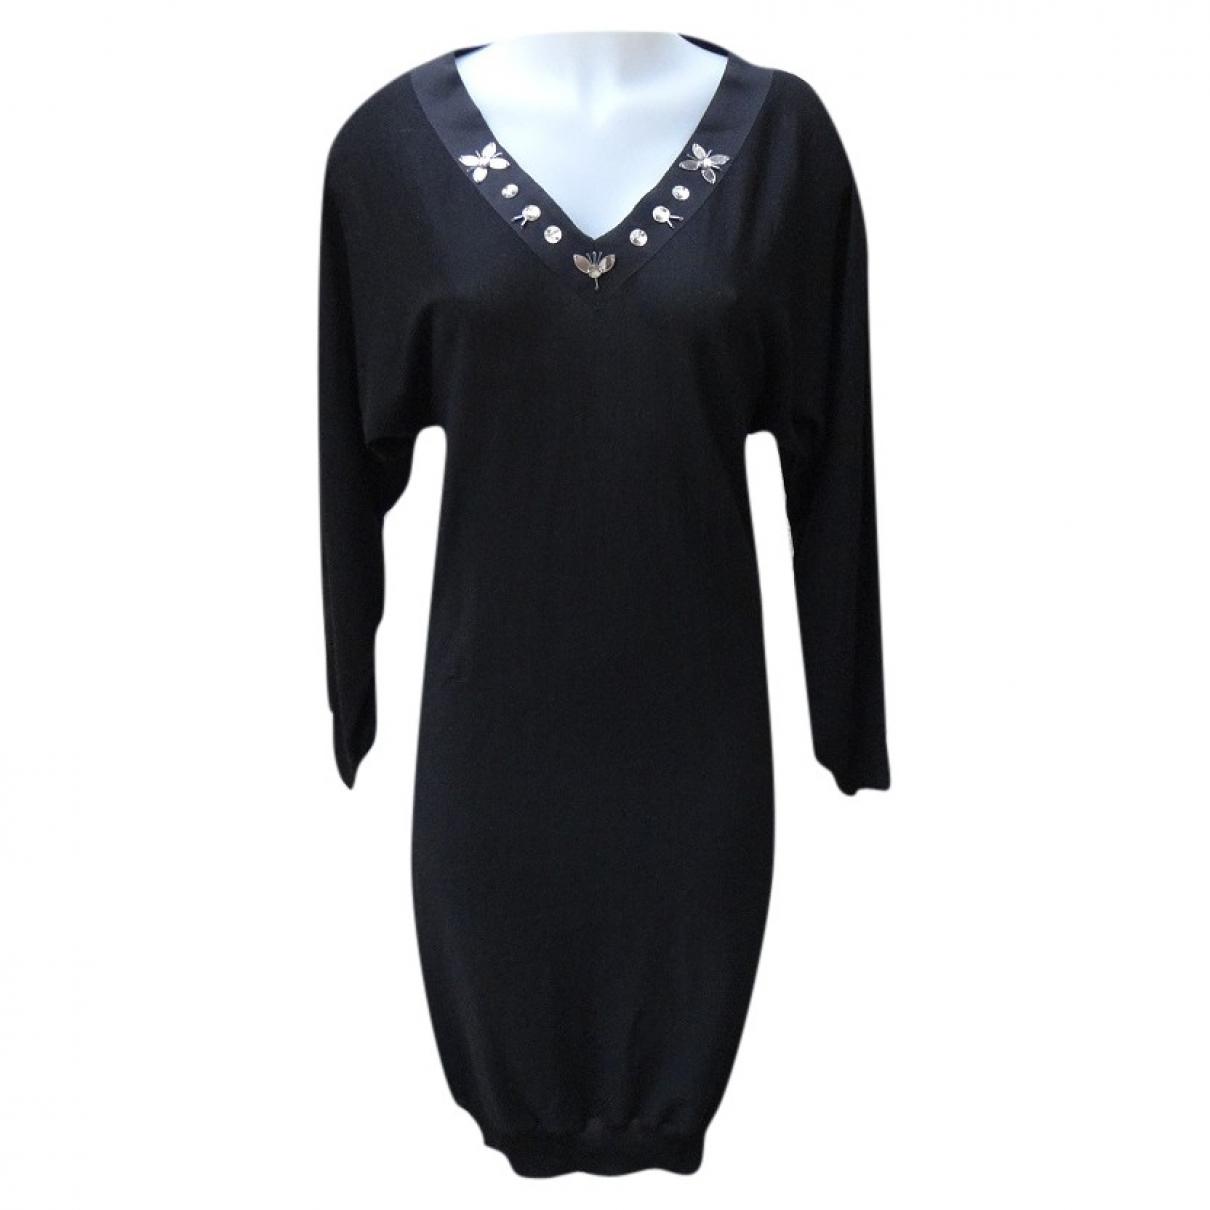 Lanvin \N Black Wool dress for Women S International